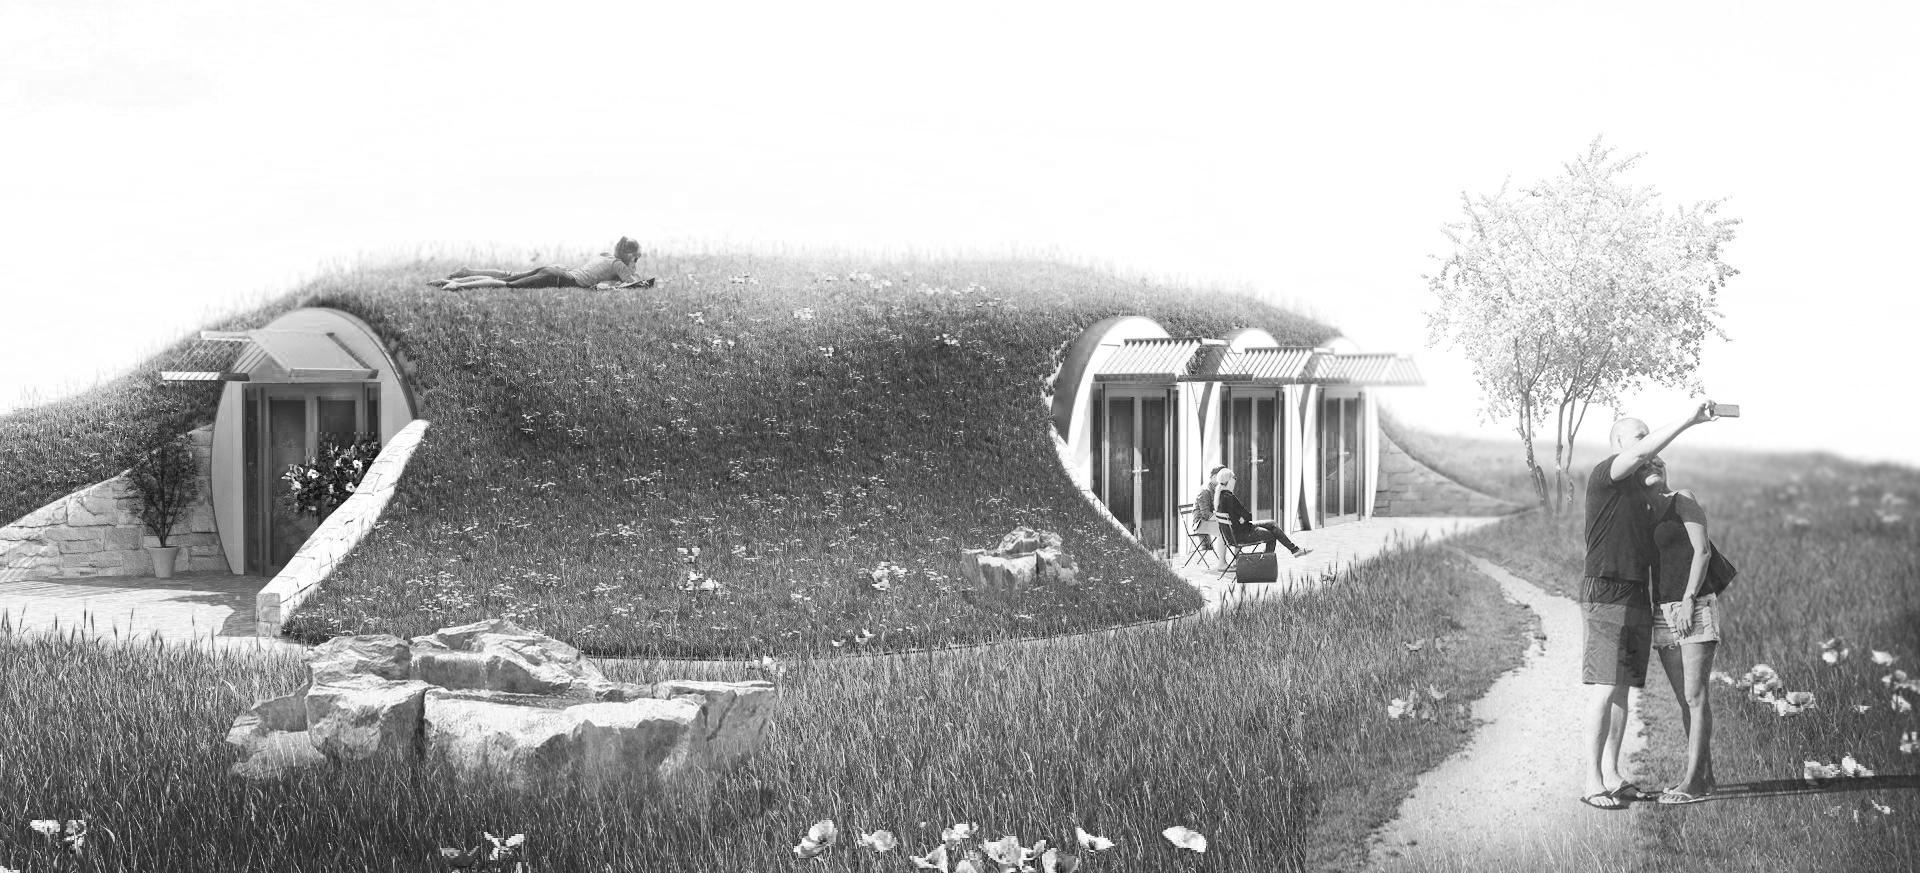 Pottt - Msta, obce, osady, samoty a objekty zanikl nebo